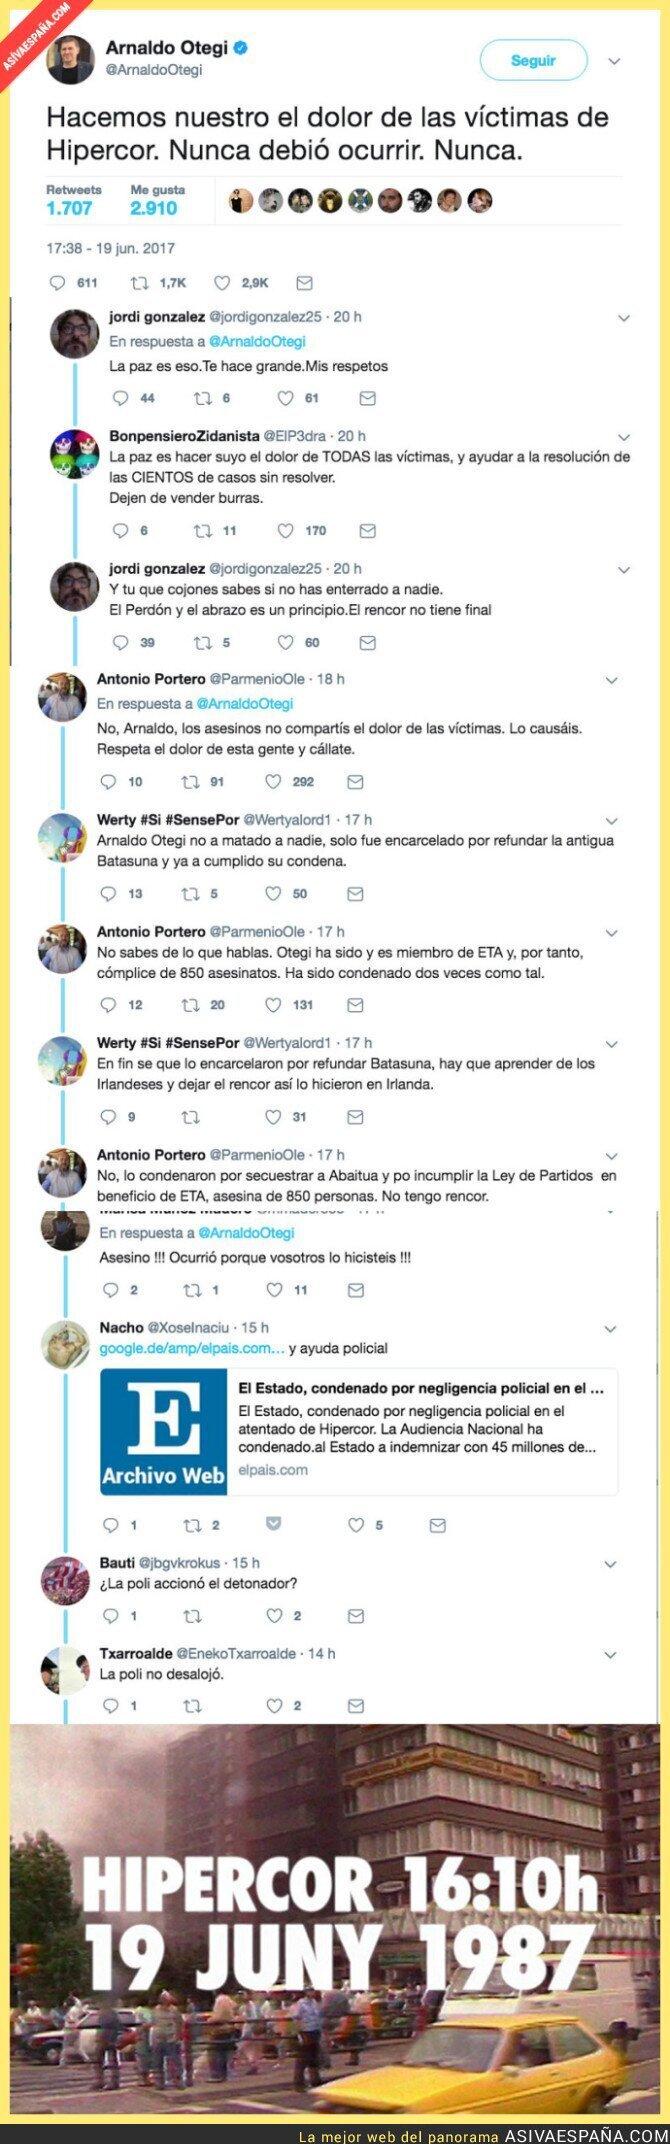 70260 - Otegi condena el atentado de Hipercor en su 30 aniversario y se lía en Twitter